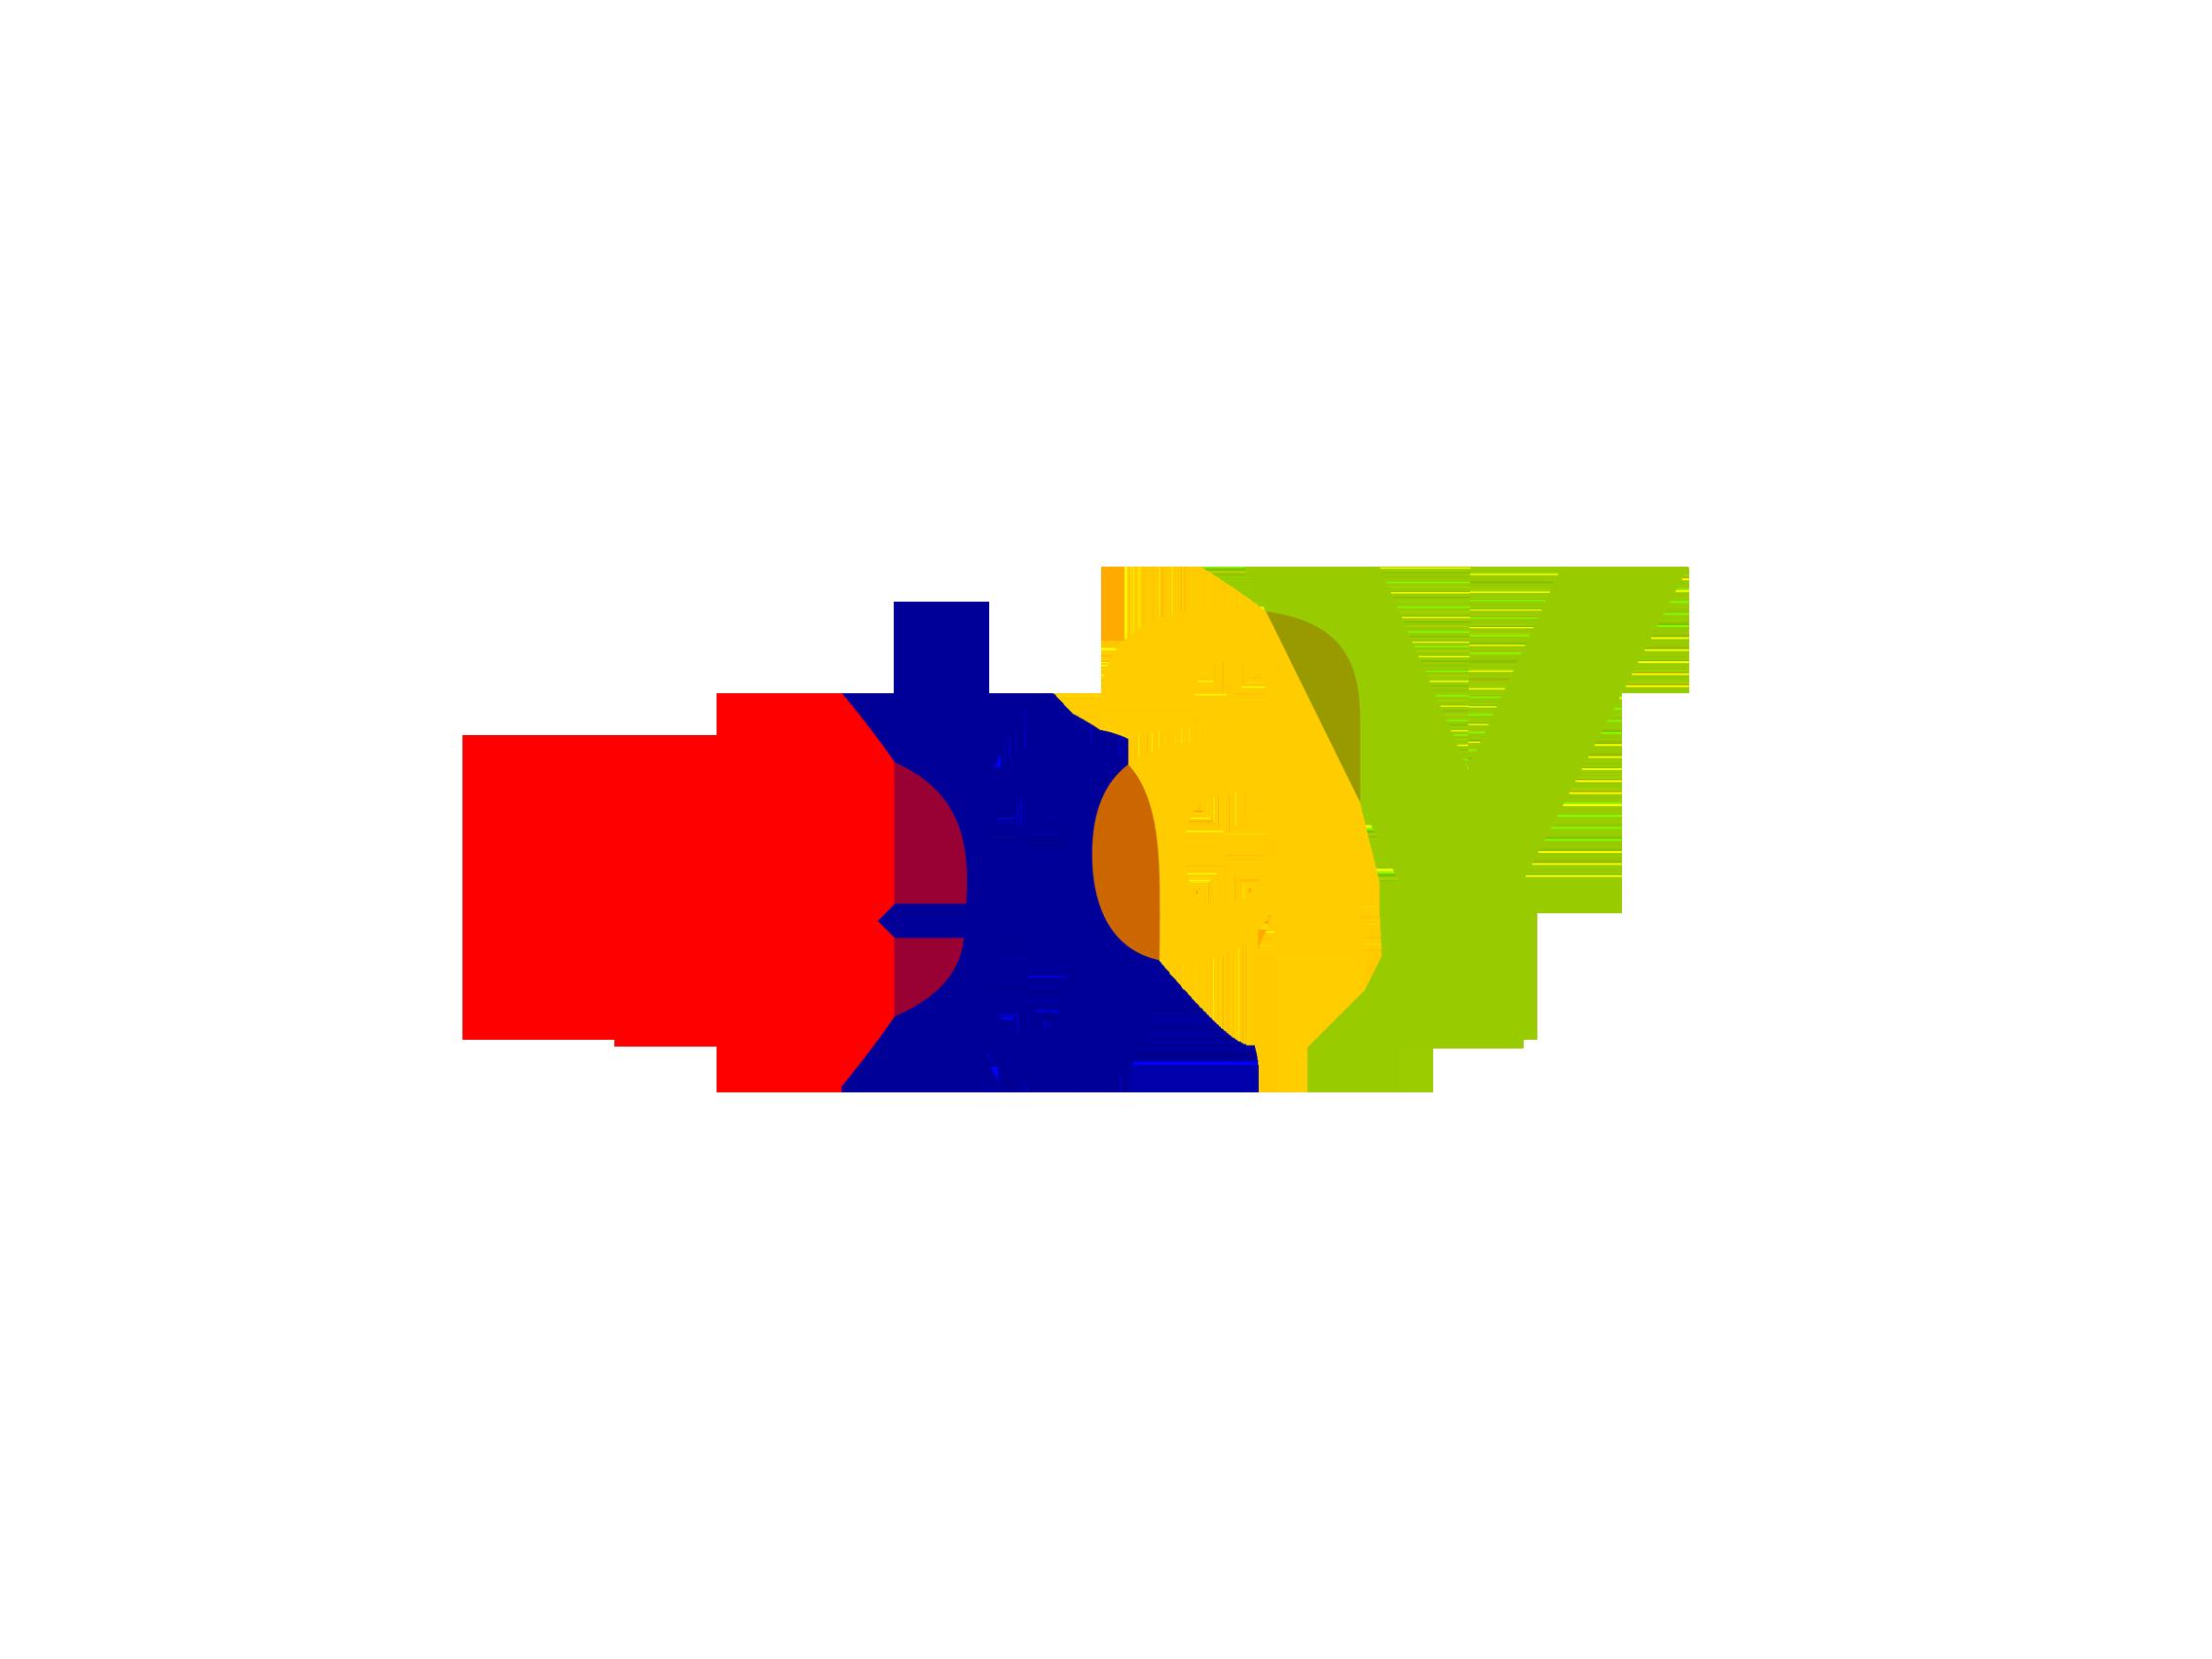 ebay-logo-overlap.png